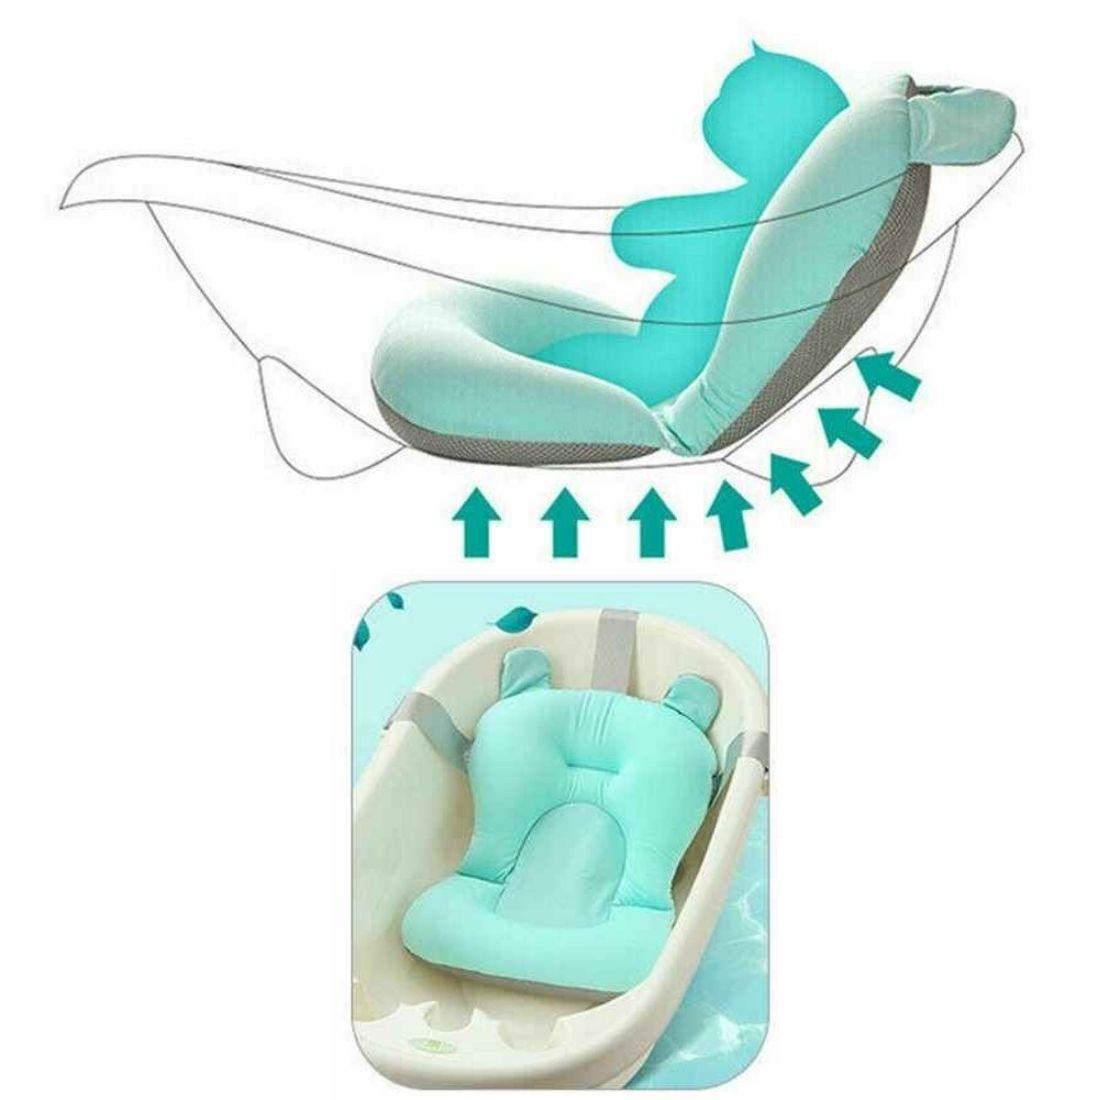 Almofada Flutuante para Banho Bebê Bóia de Banheira com Alça Azul